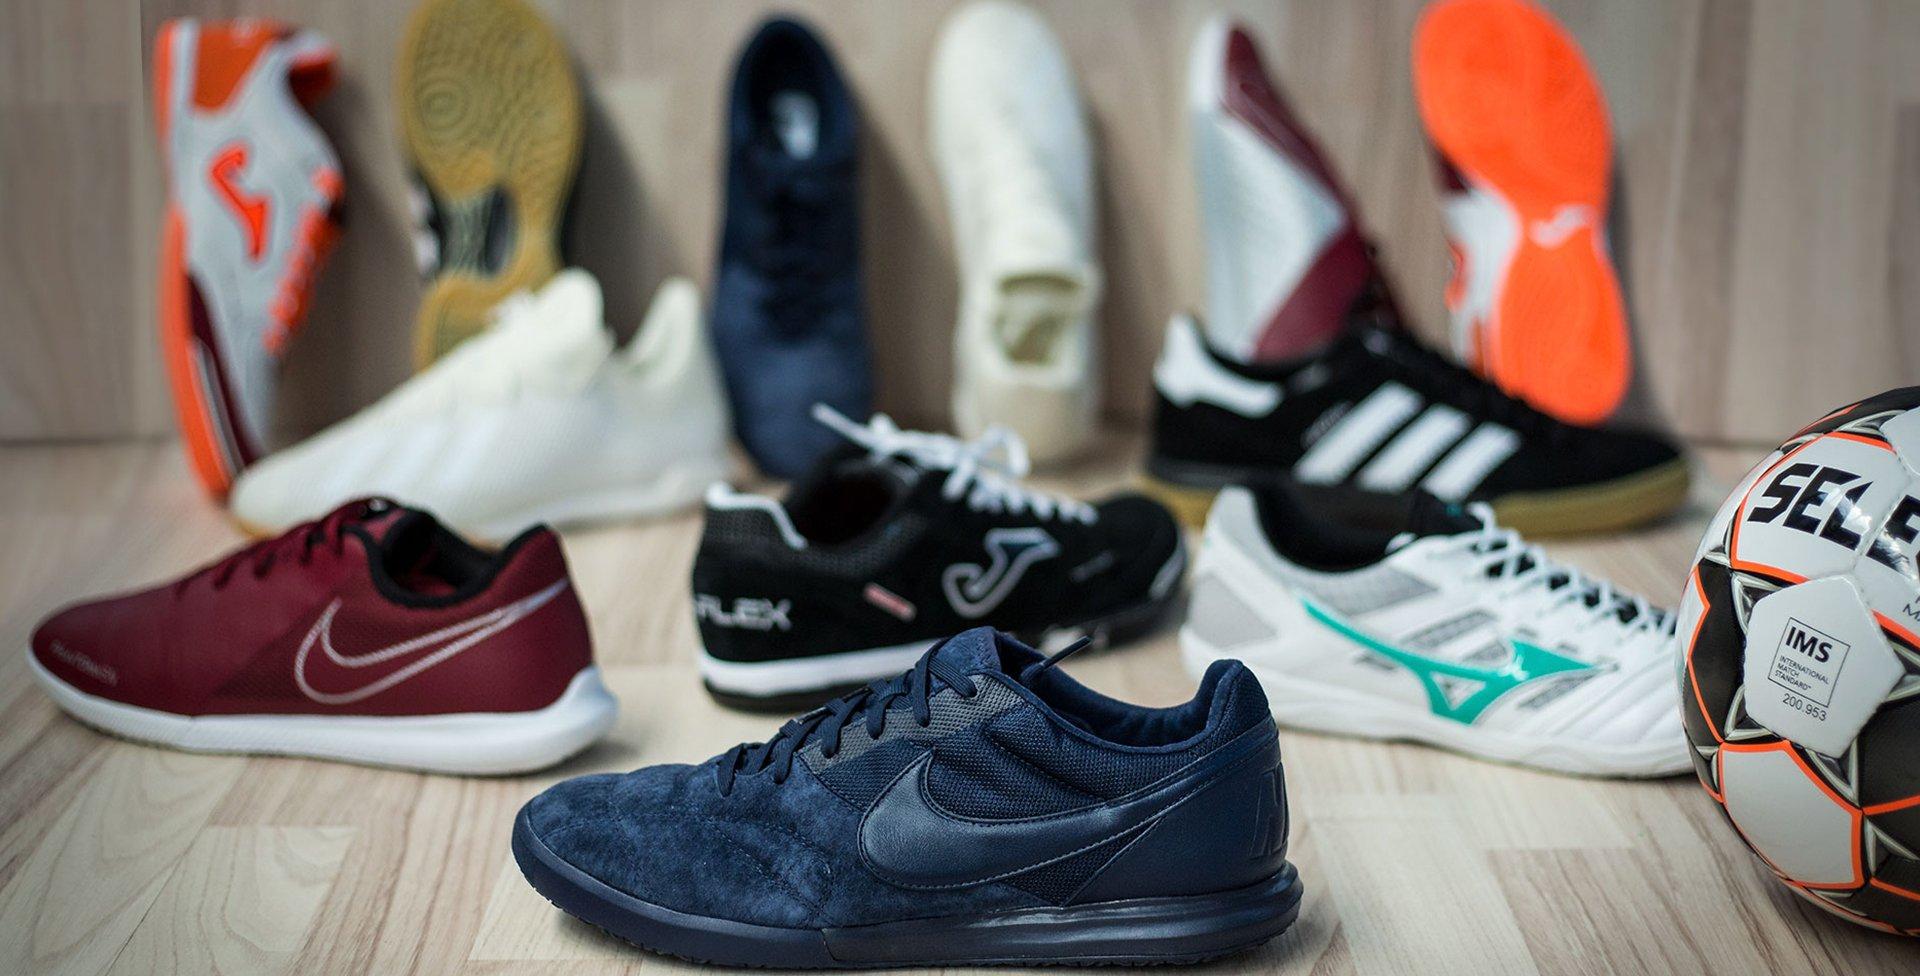 Sélection De Top Des 5 Découvre Futsal La Unisport Chaussures St70qwxF7